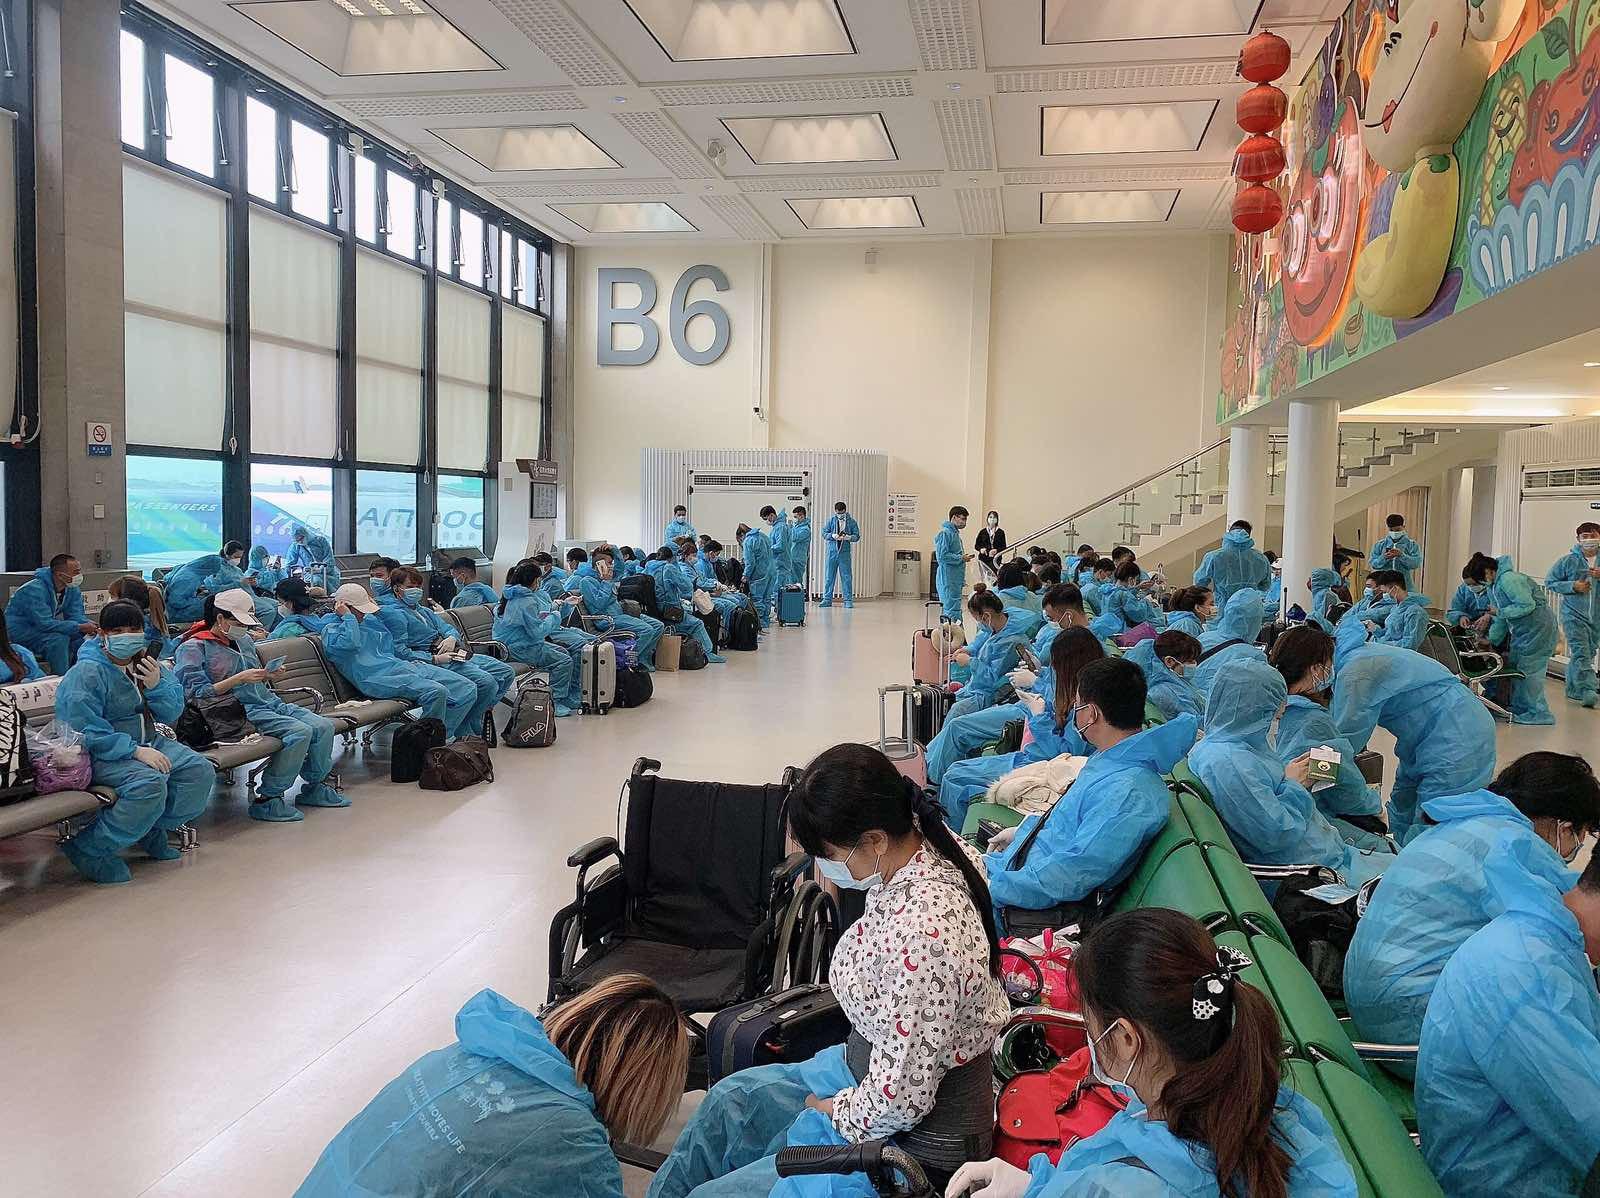 Thêm 2 chuyến bay chở hơn 350 công dân từ Đài Loan về nước